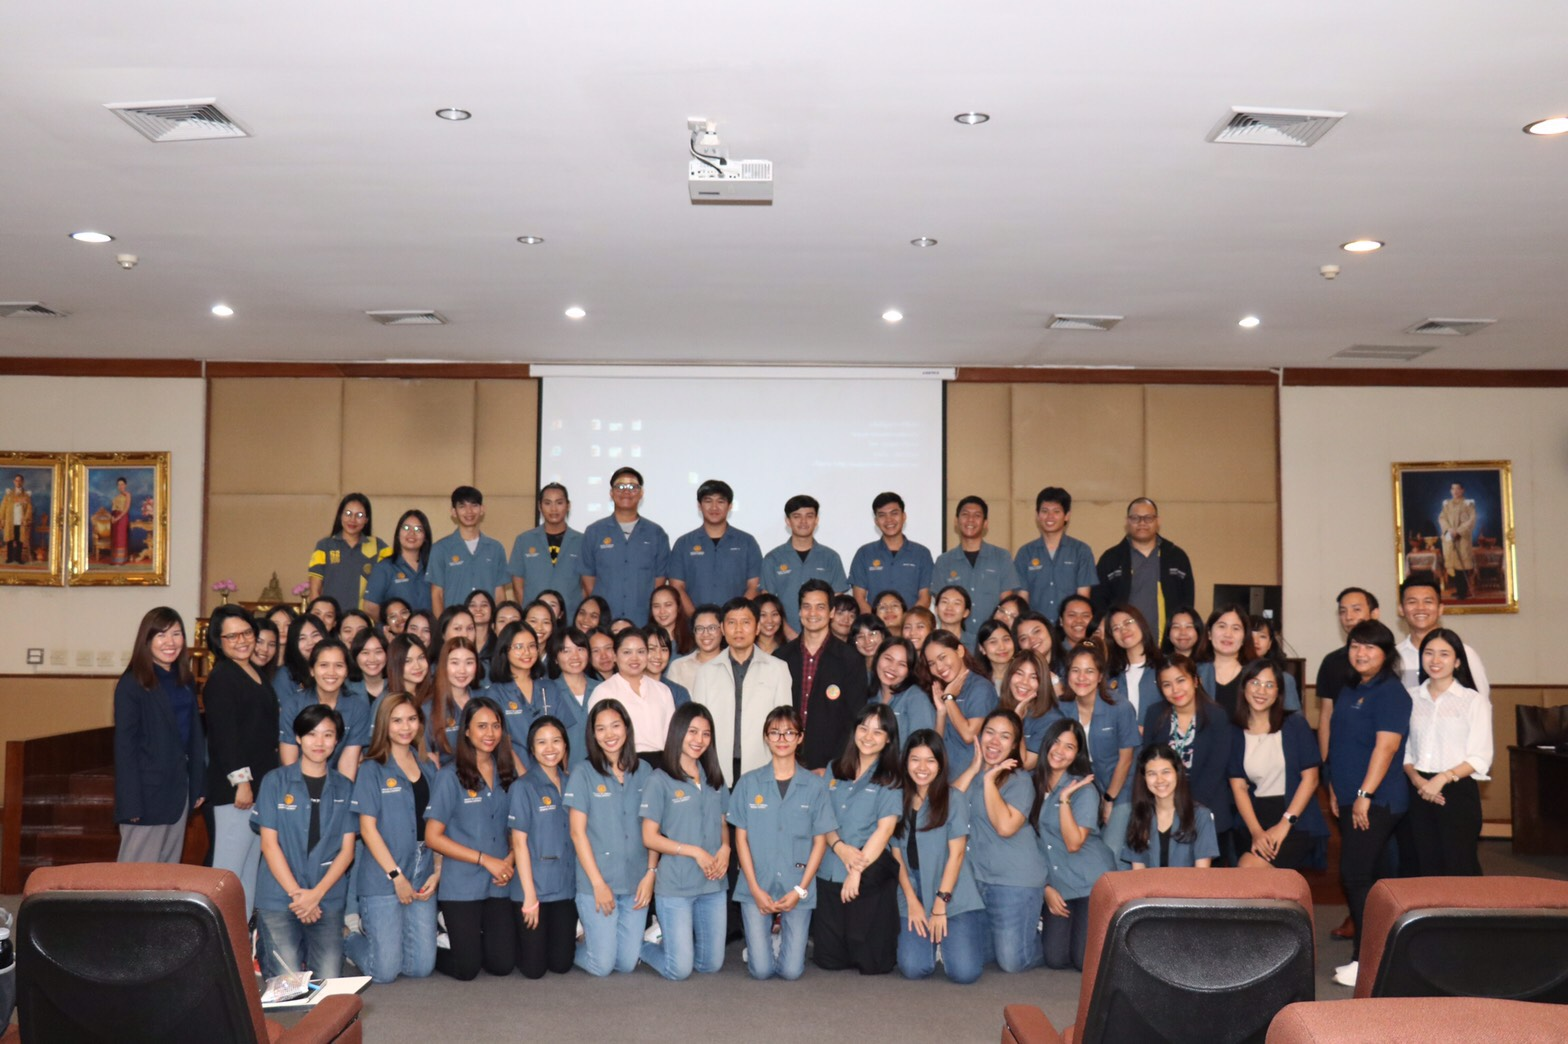 ศึกษาดูงาน บริษัท นามยง เทอร์มินอล จำกัด และสำนักงานศุลกากร ท่าอากาศยานสุวรรณภูมิ